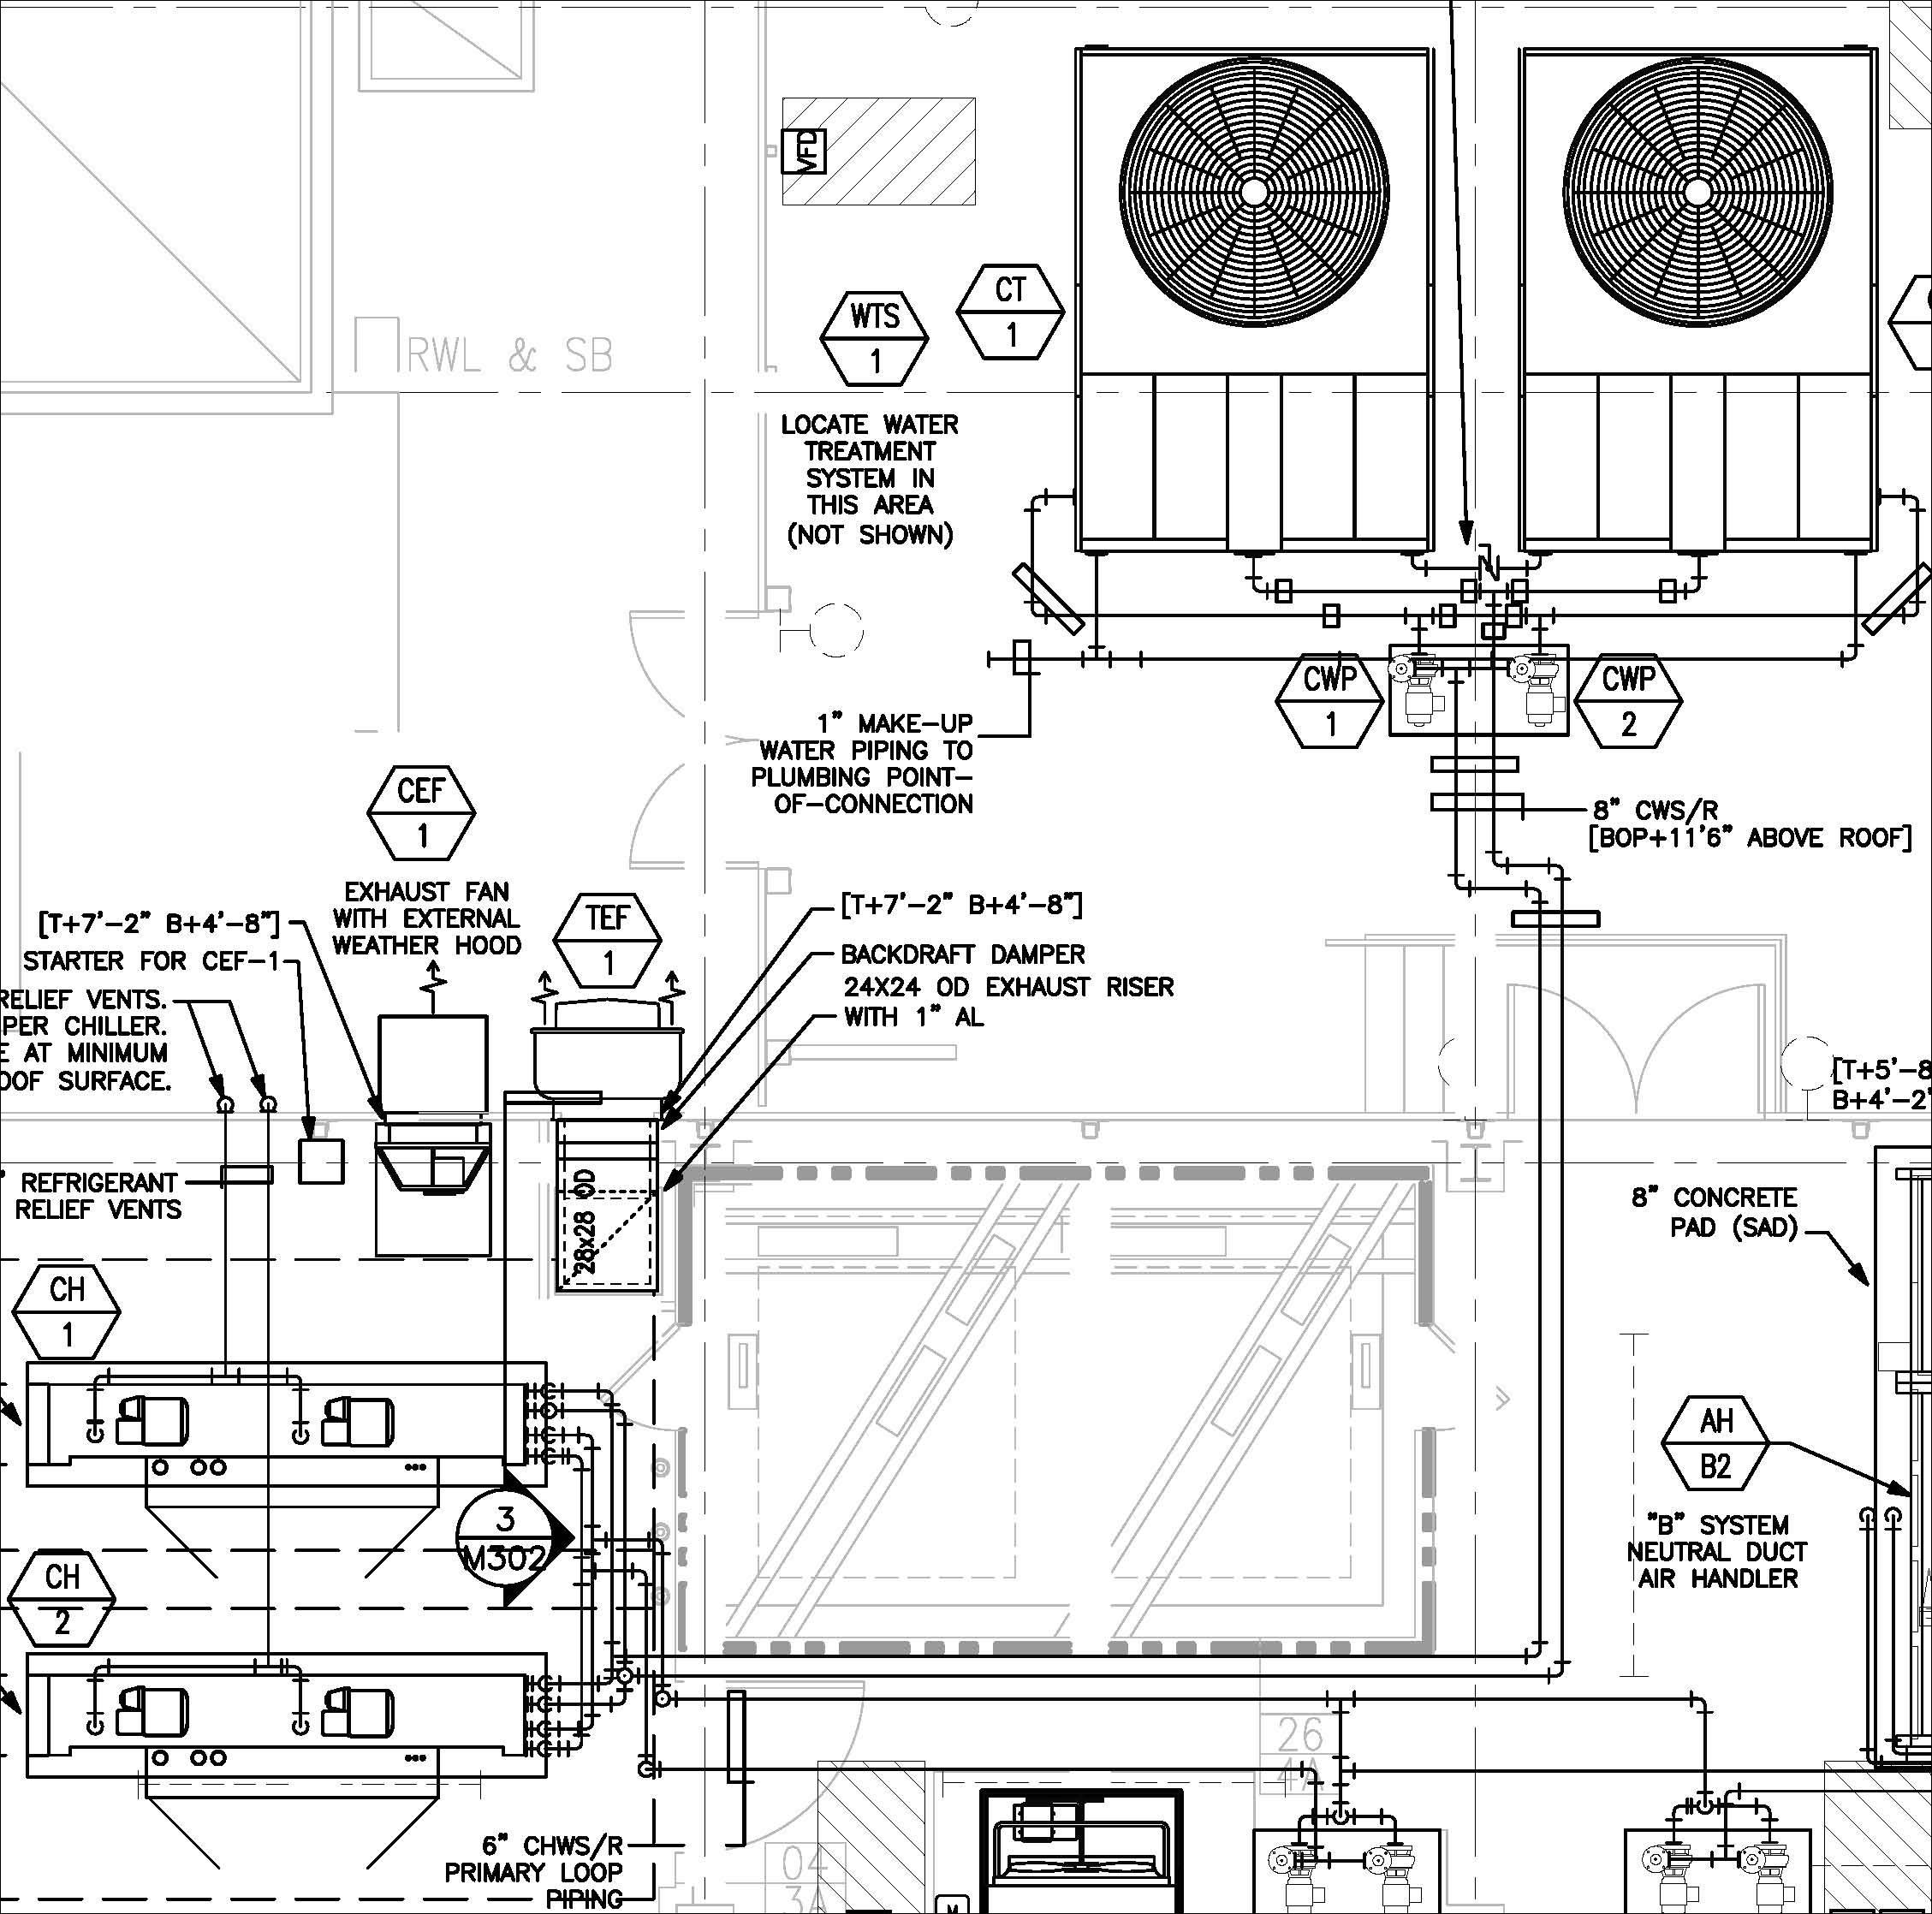 Bohn Evaporator Wiring Schematic Mercedes-benz Wire